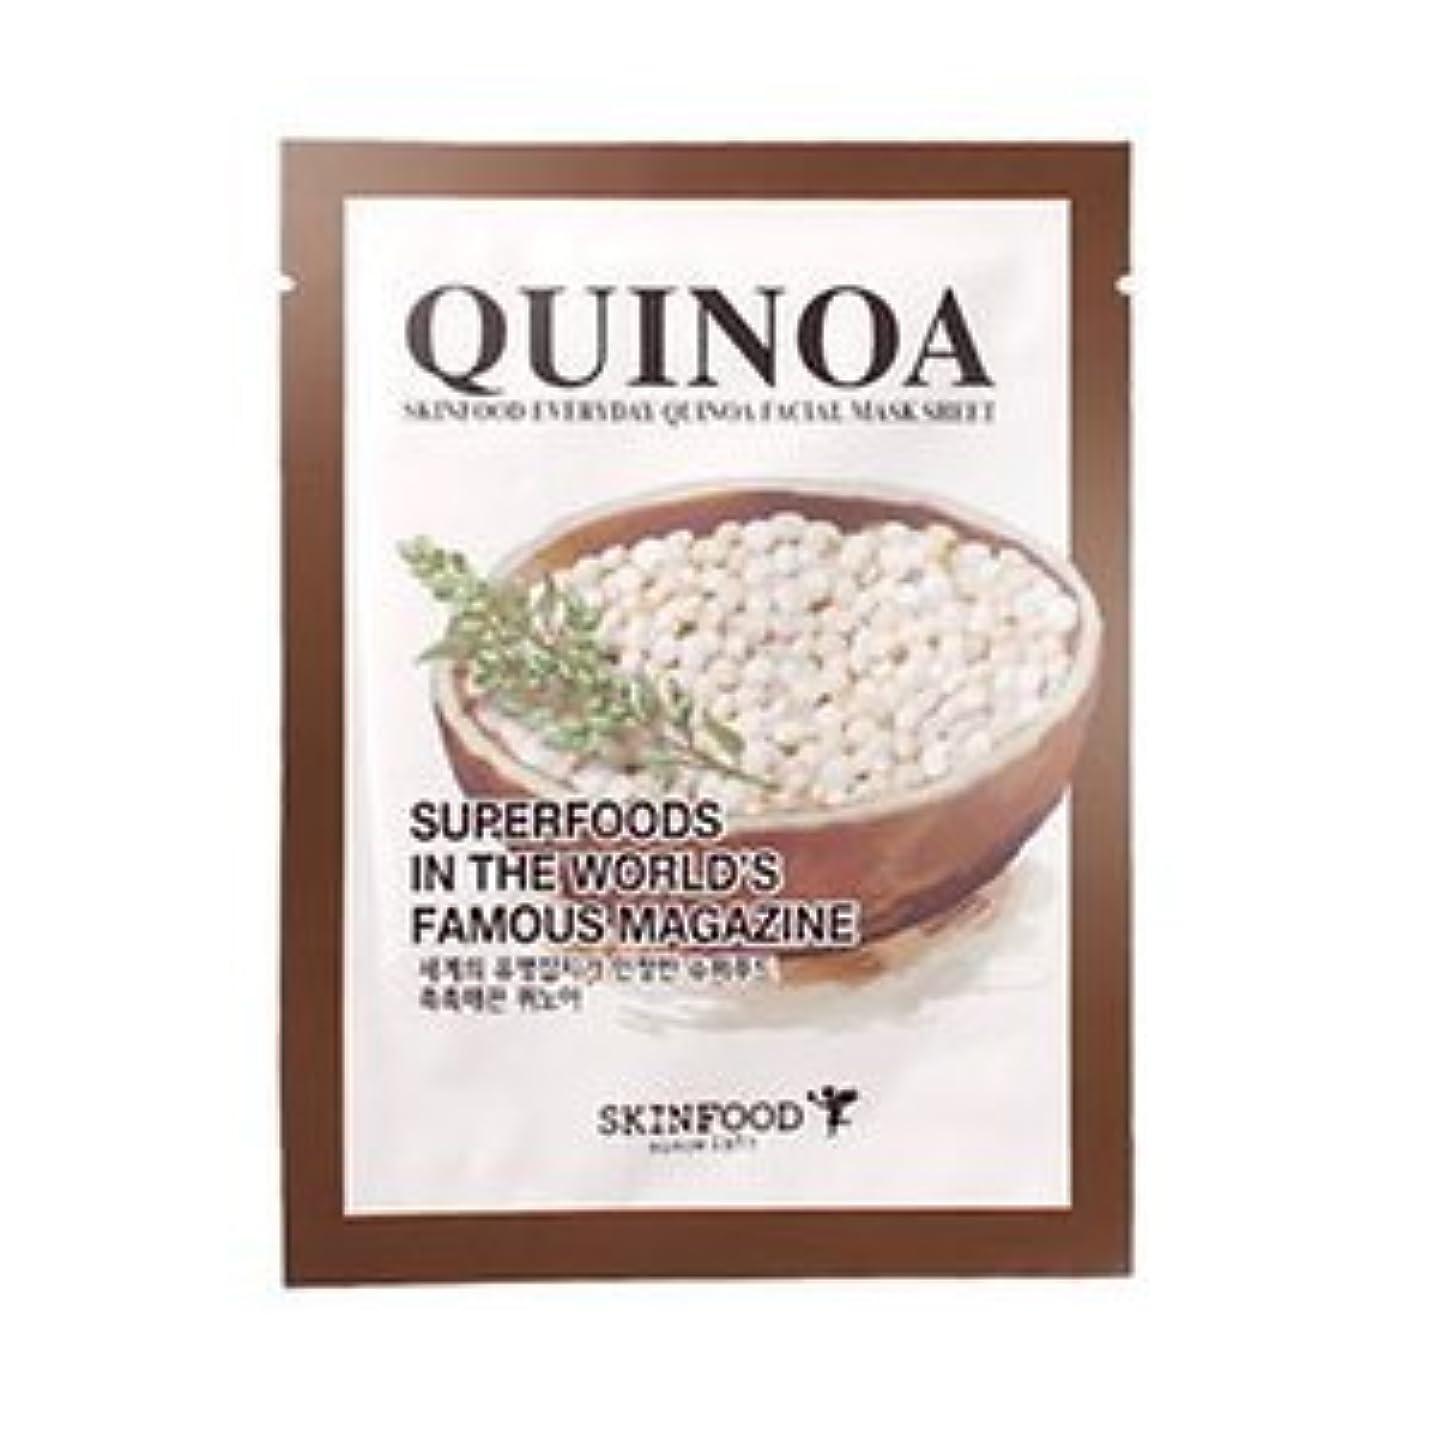 予報充電フルーツ野菜[Outlet] SKINFOOD Everyday QUINOA Facial Mask Sheet 5EA / スキンフー ドエブリデイフェイシャルマスクシート5EA [並行輸入品]